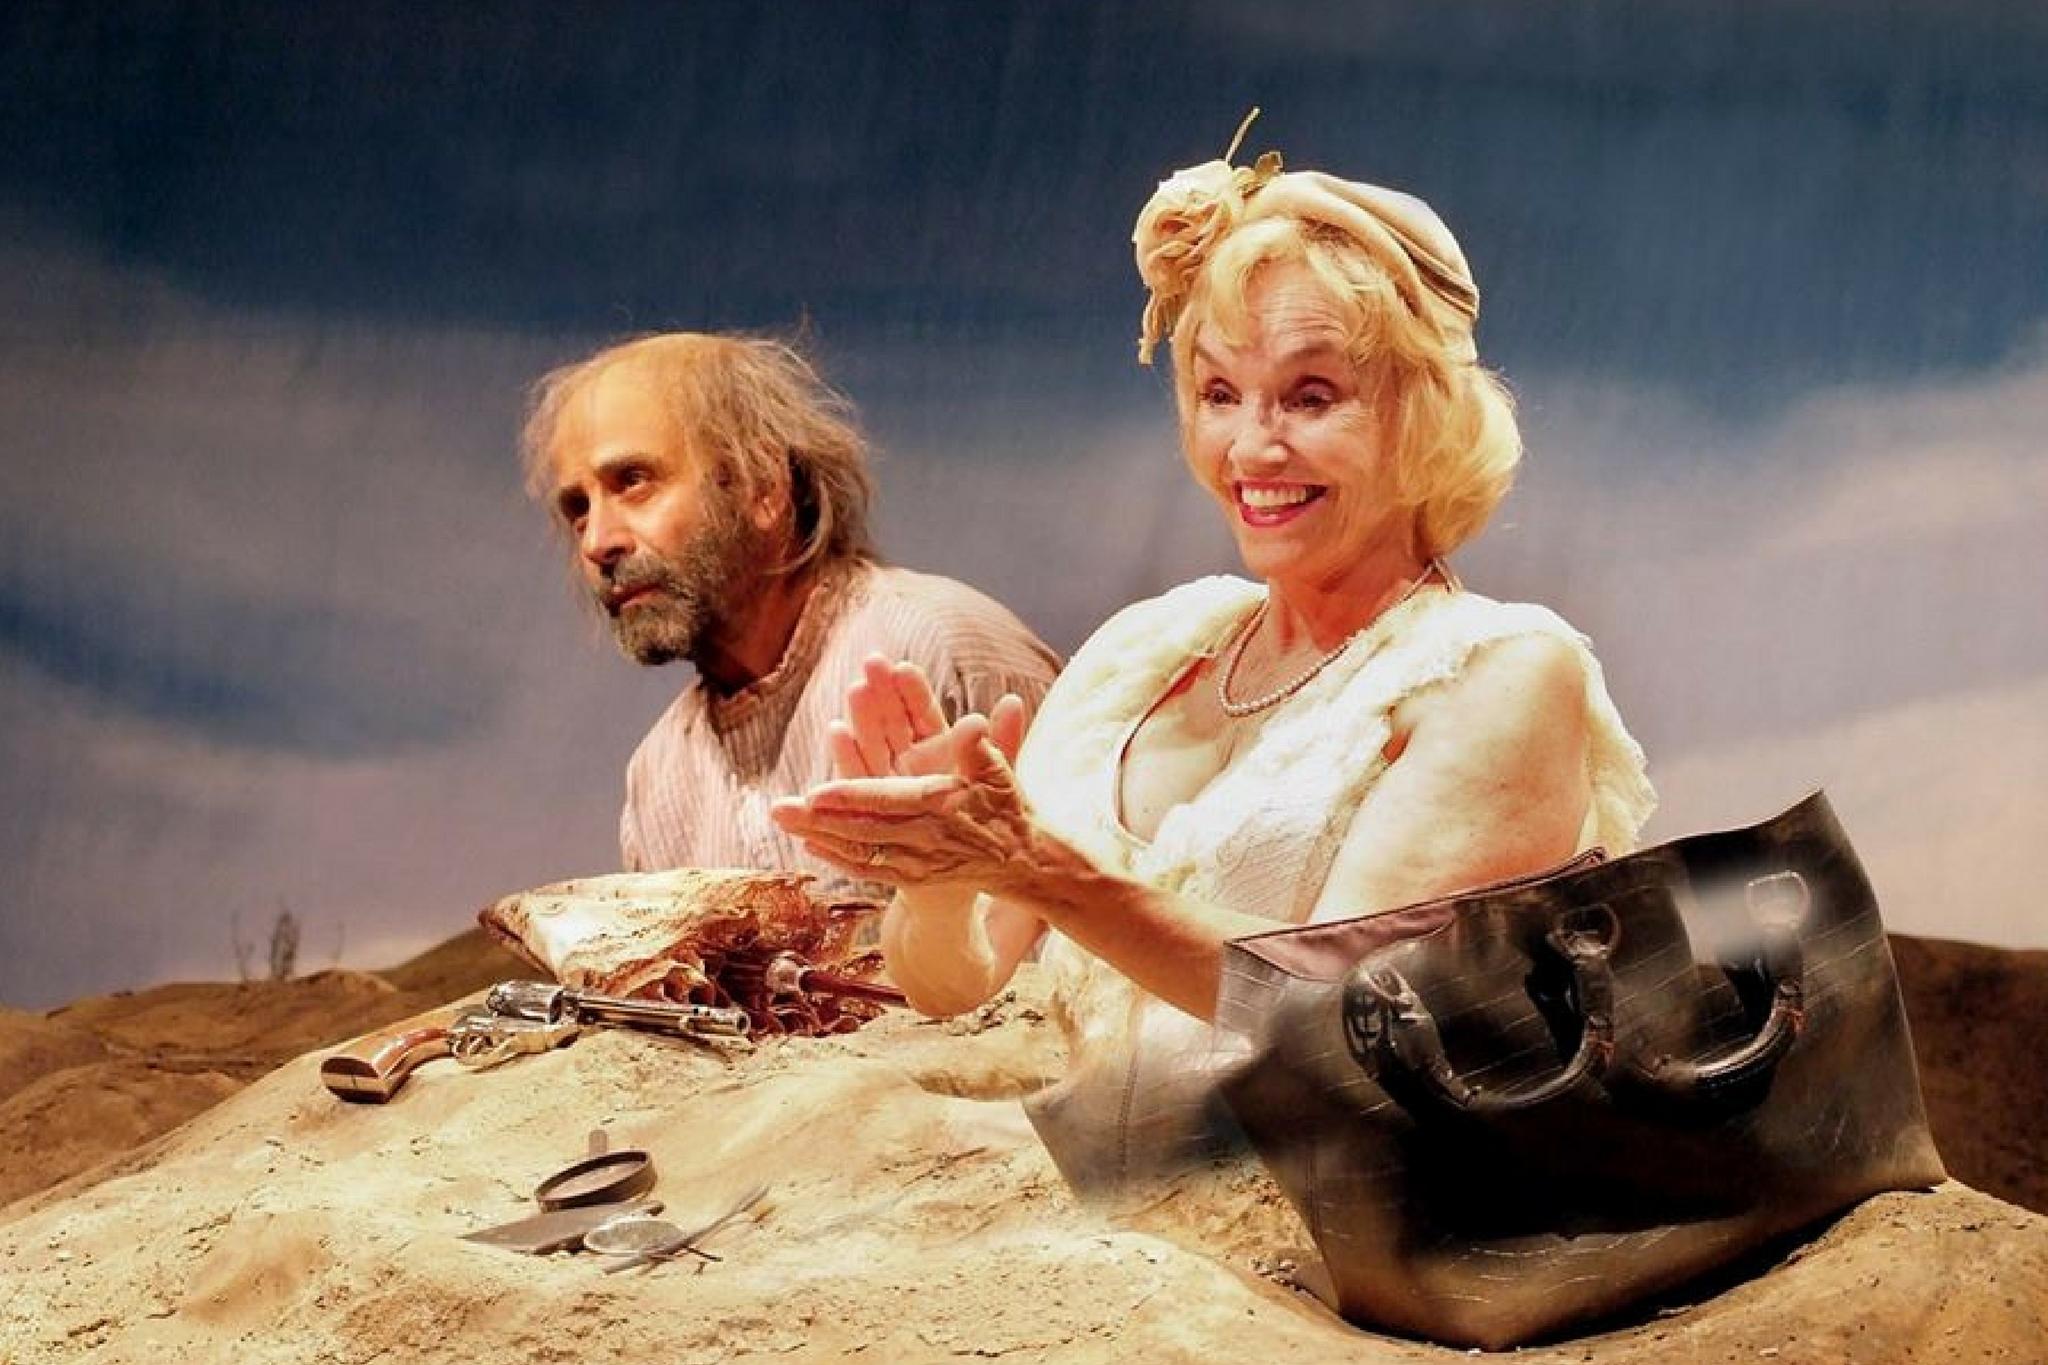 Tony Shalhoub (Willie) and Brooke Adams (Winnie) in Happy Days, 2014